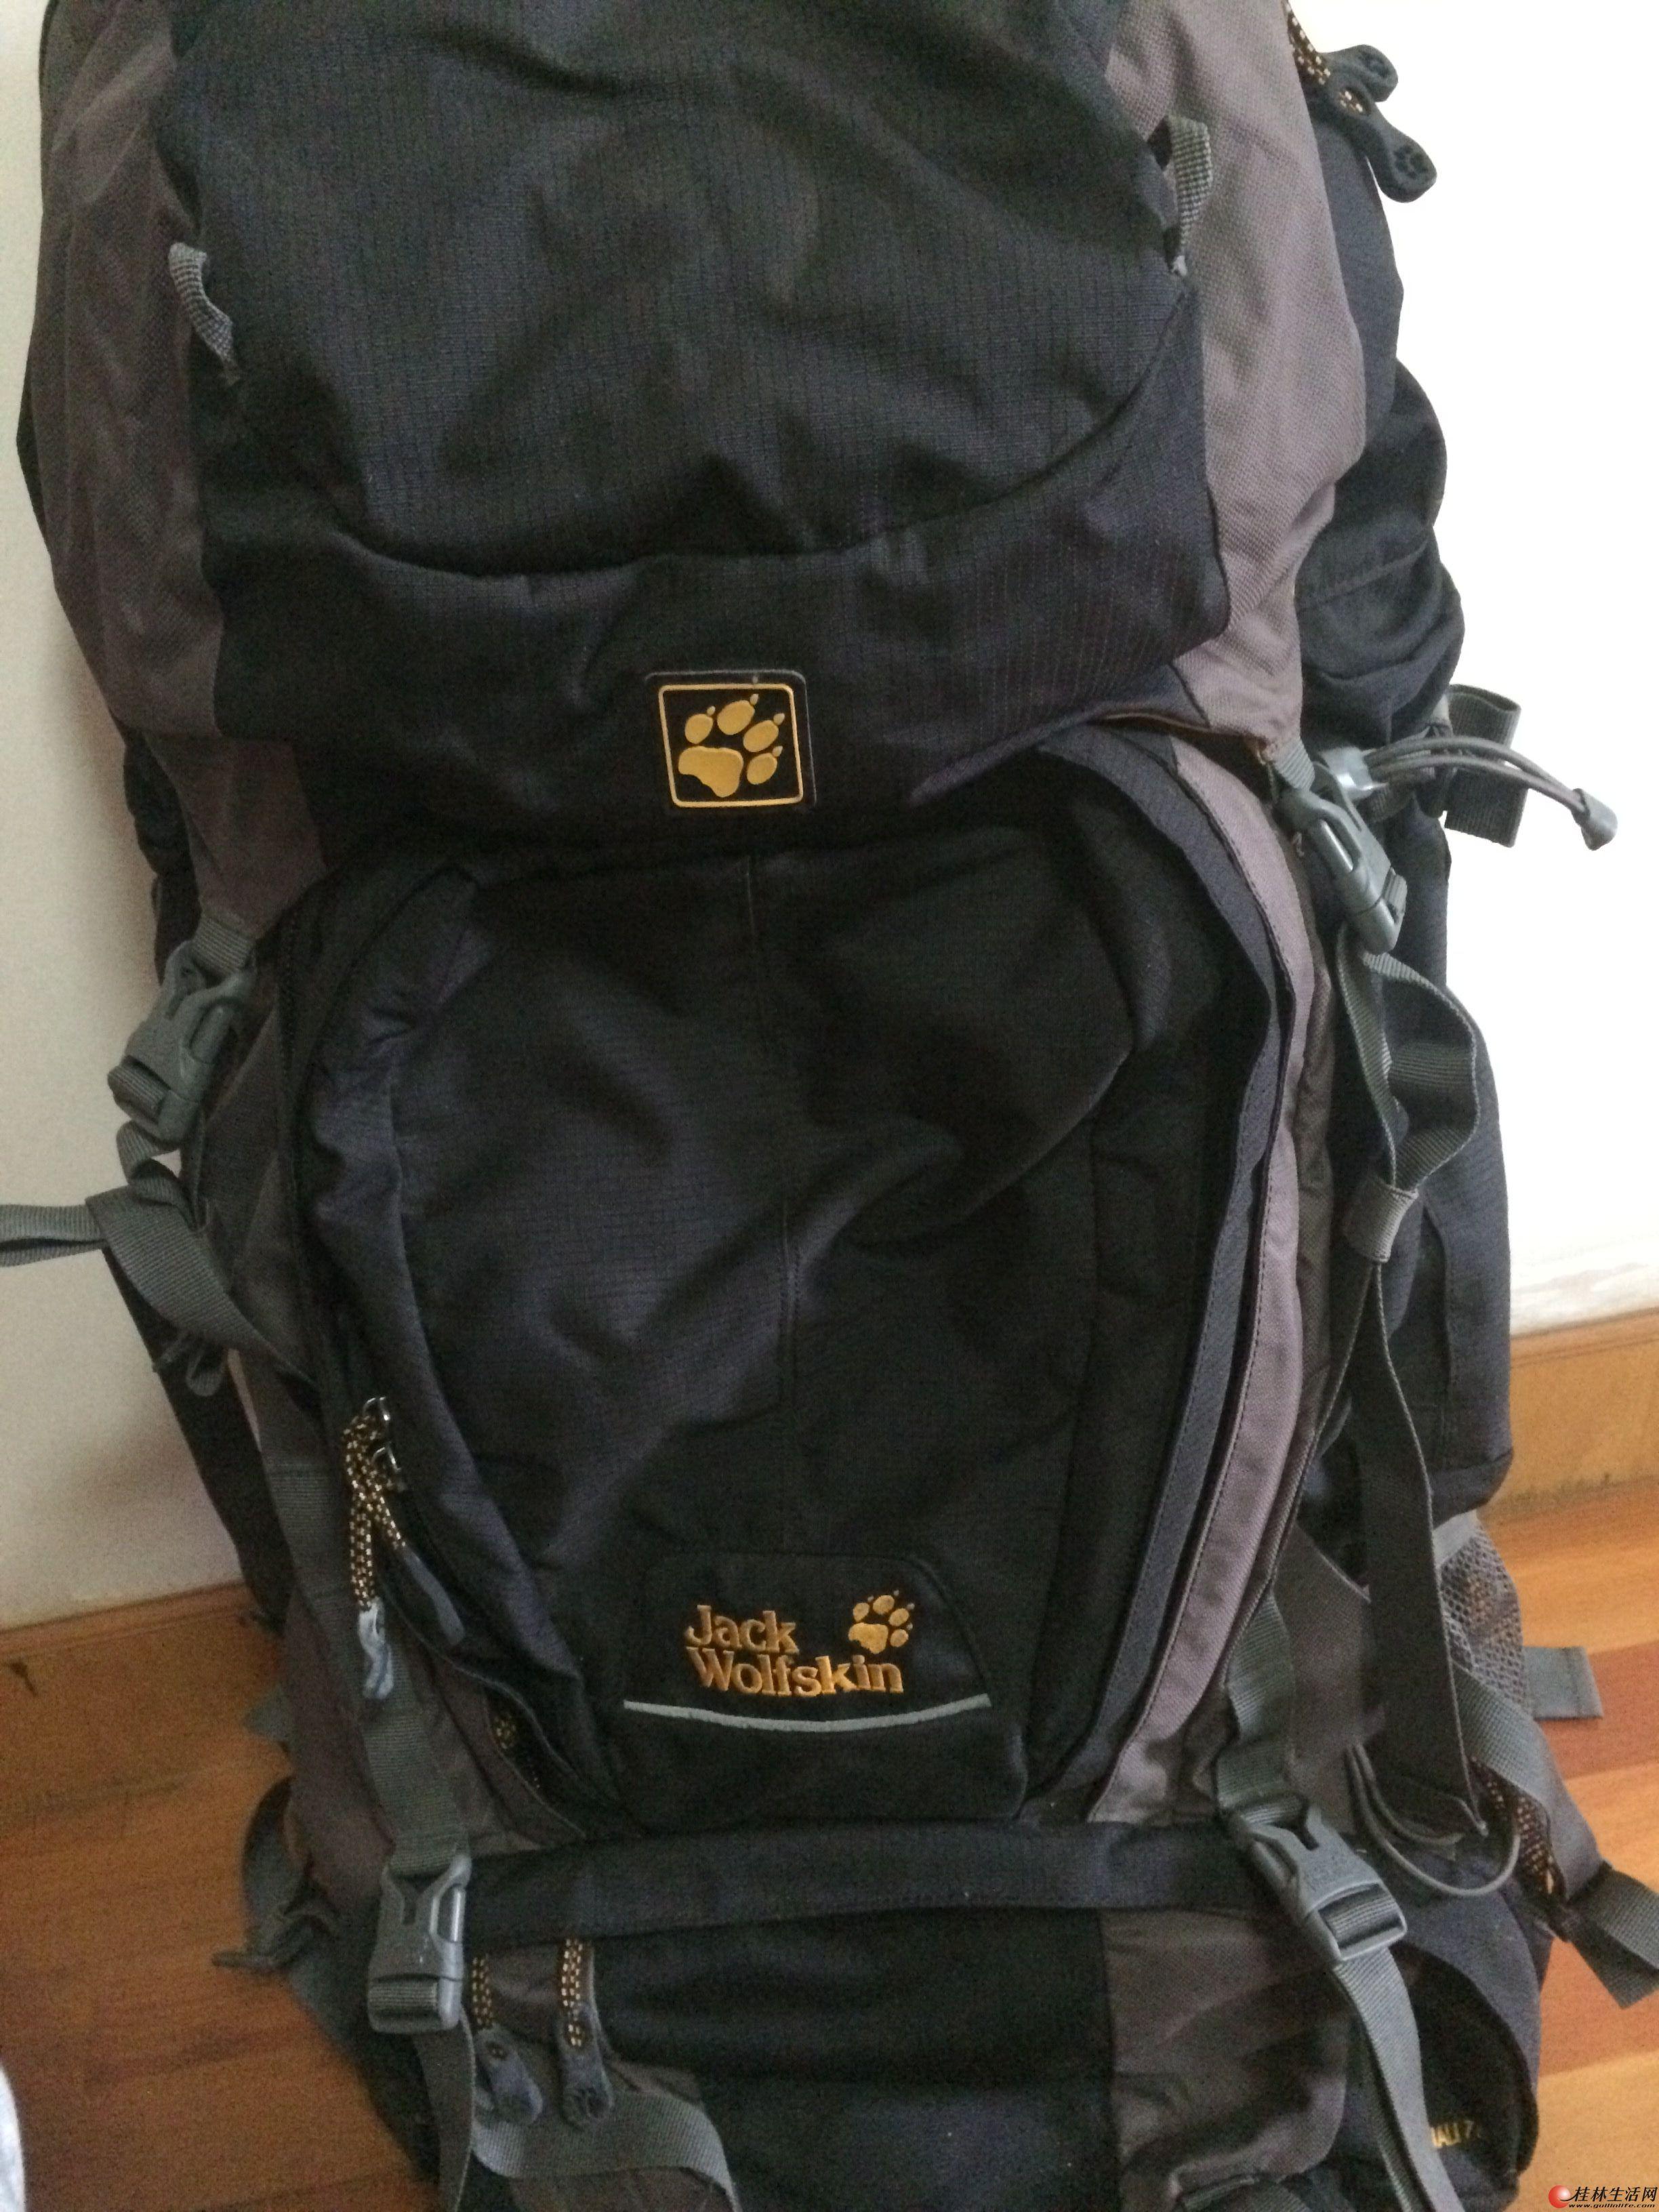 出售99新只用过一次的75升狼爪专业登山包包,在微笑堂买的原价2480的现贱卖